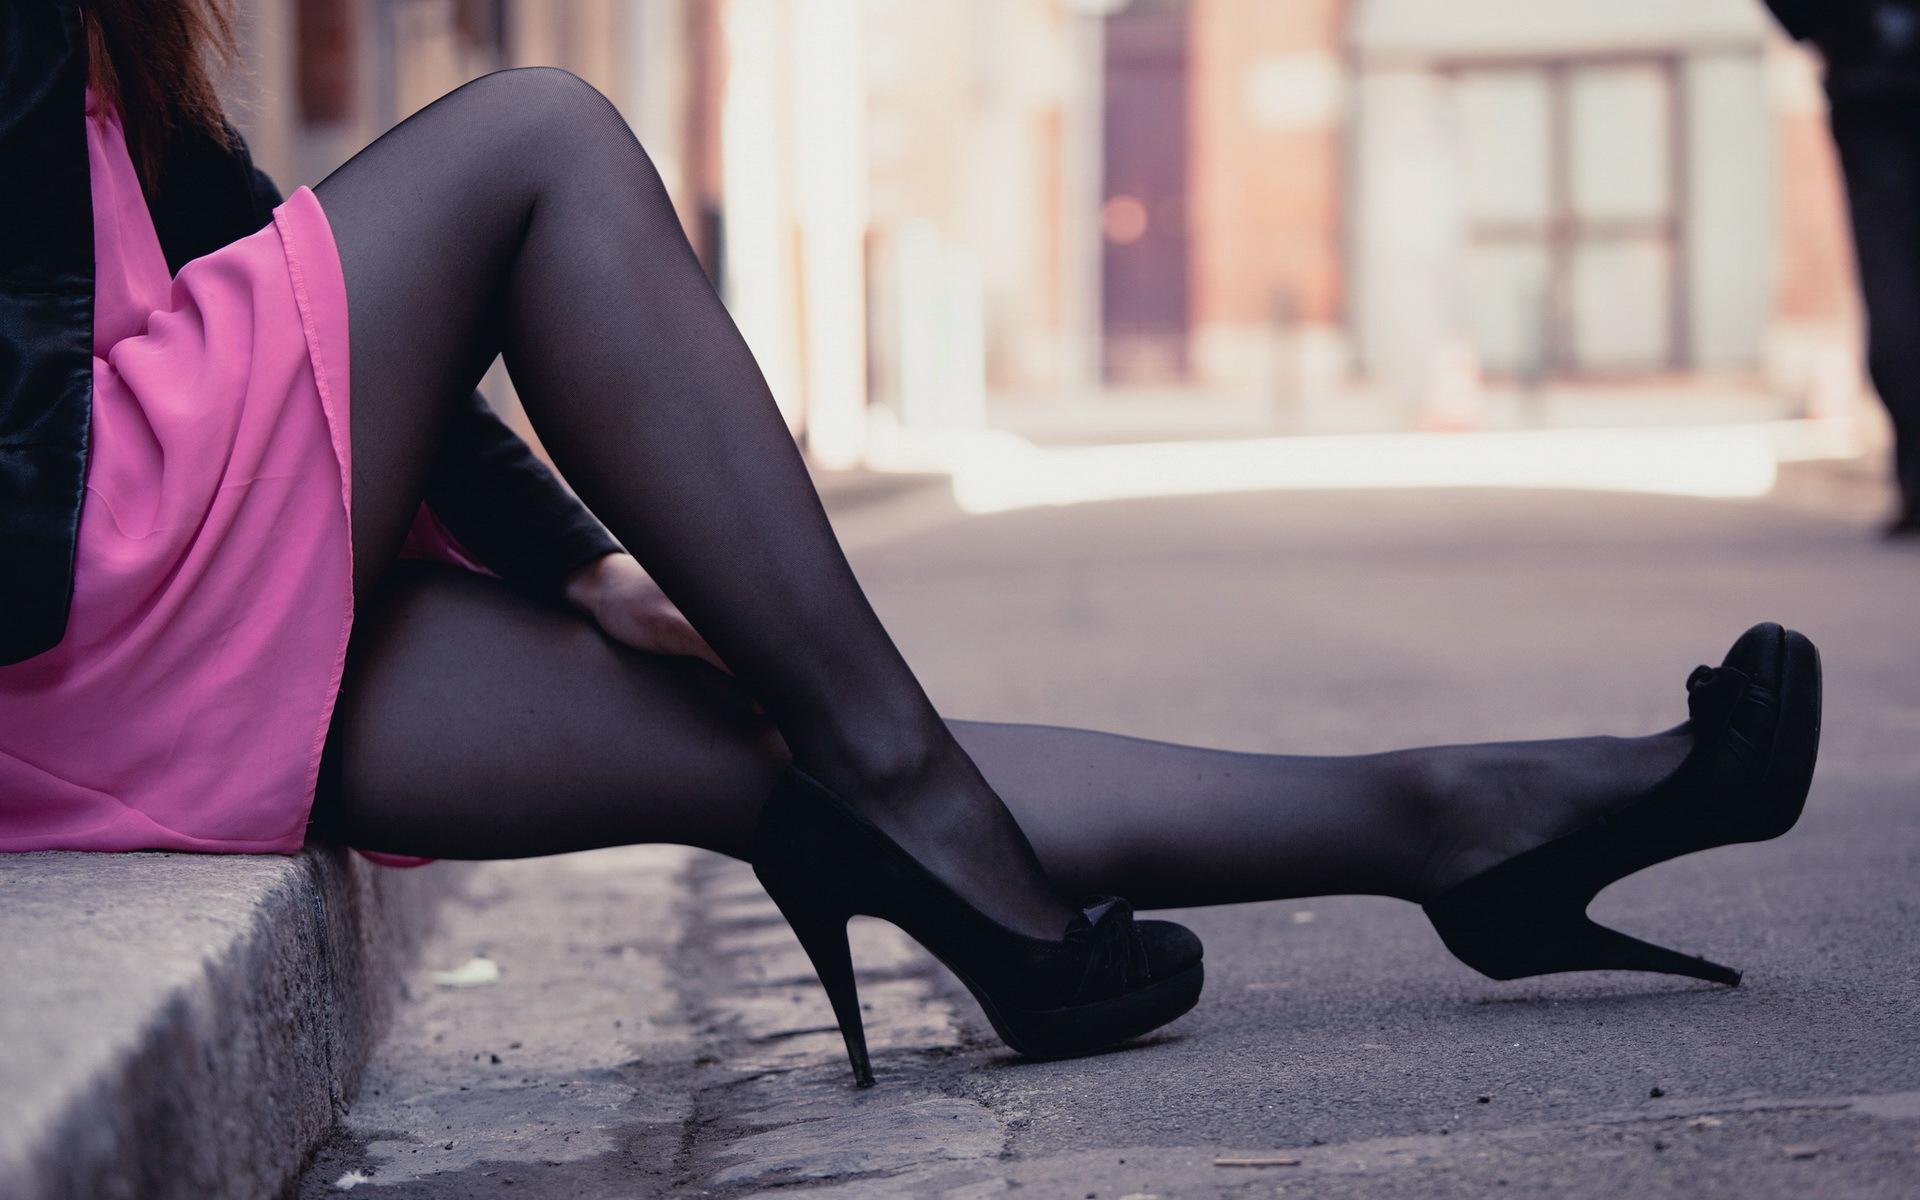 девушка туфли чулки колготки образом эссенциализм